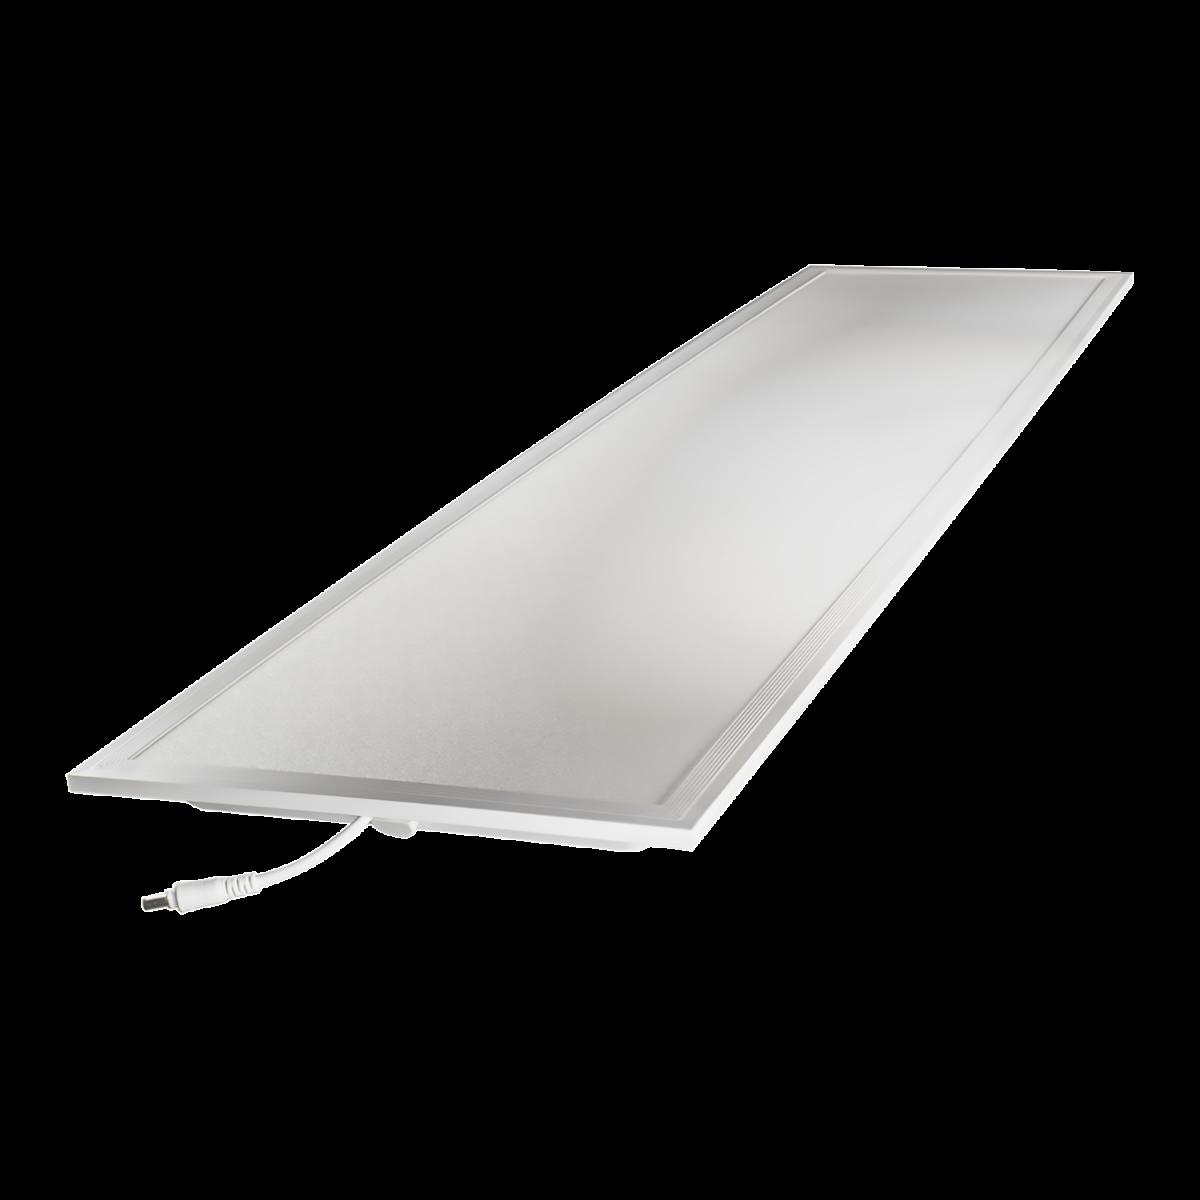 Noxion LED Panel Delta Pro V2.0 30W 30x120cm 4000K 4110lm UGR <19 | Replacer for 2x36W